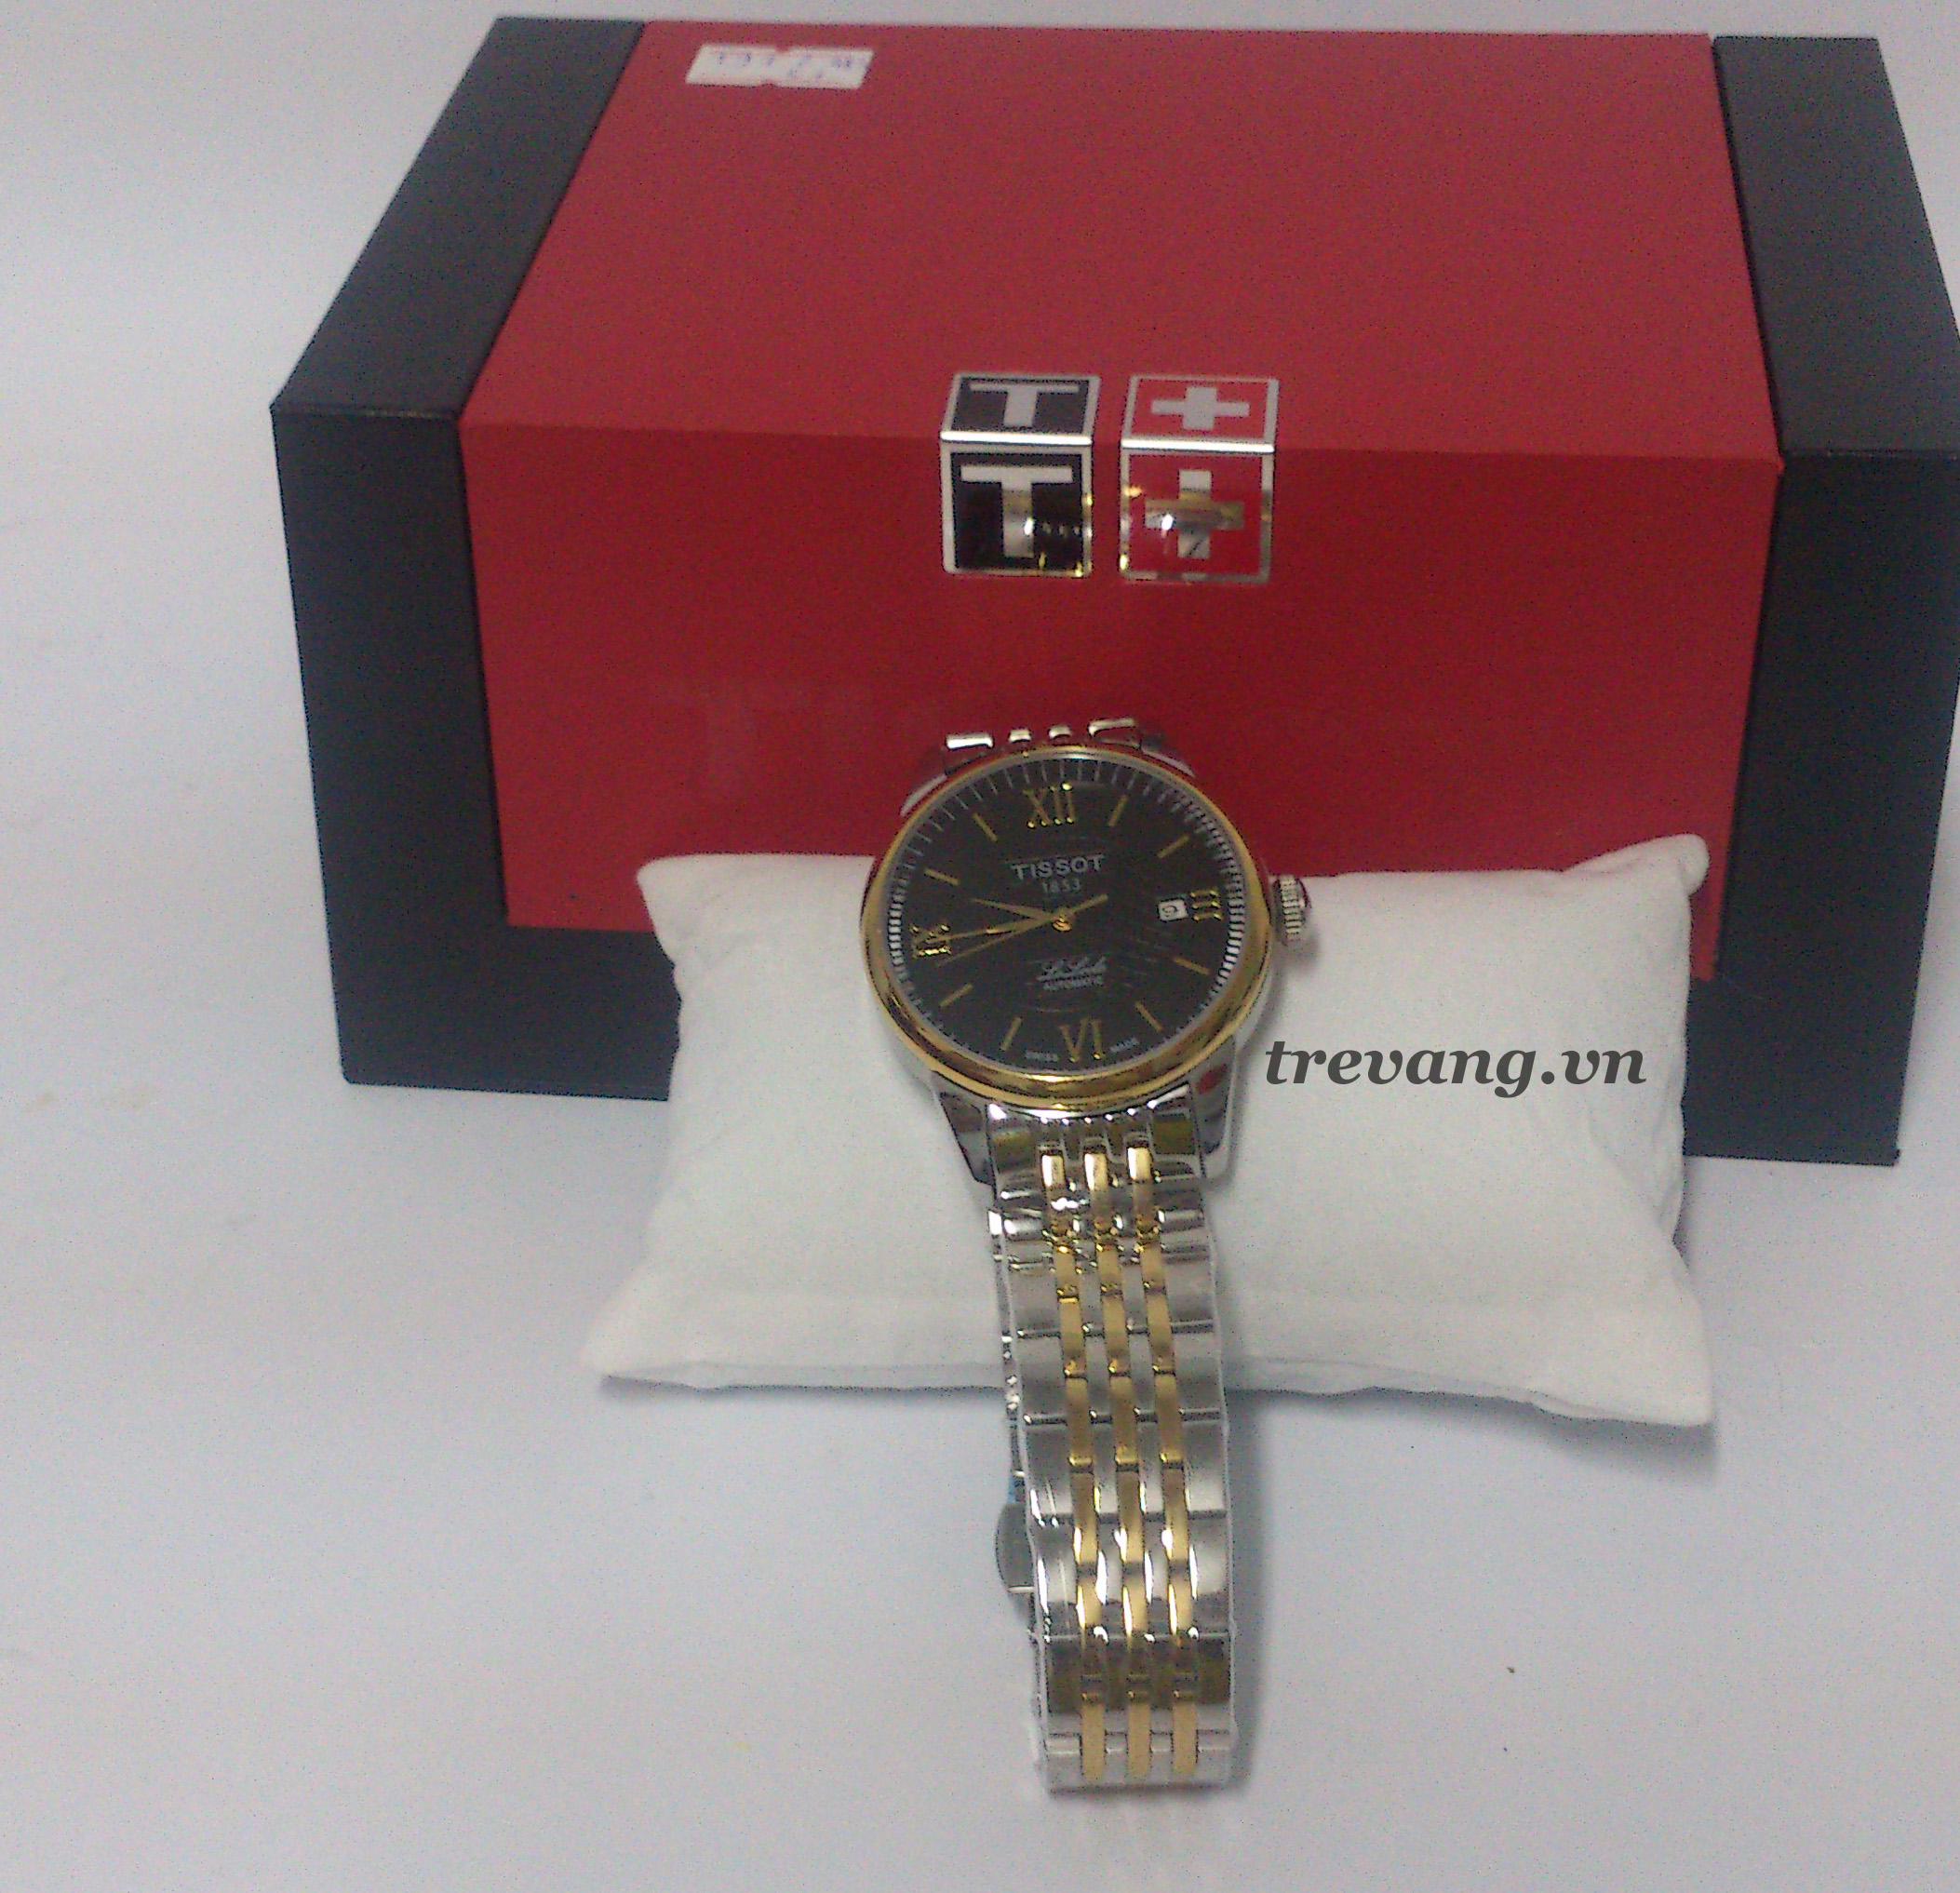 Đồng hồ Tissot 1853 12BL04472 setbox